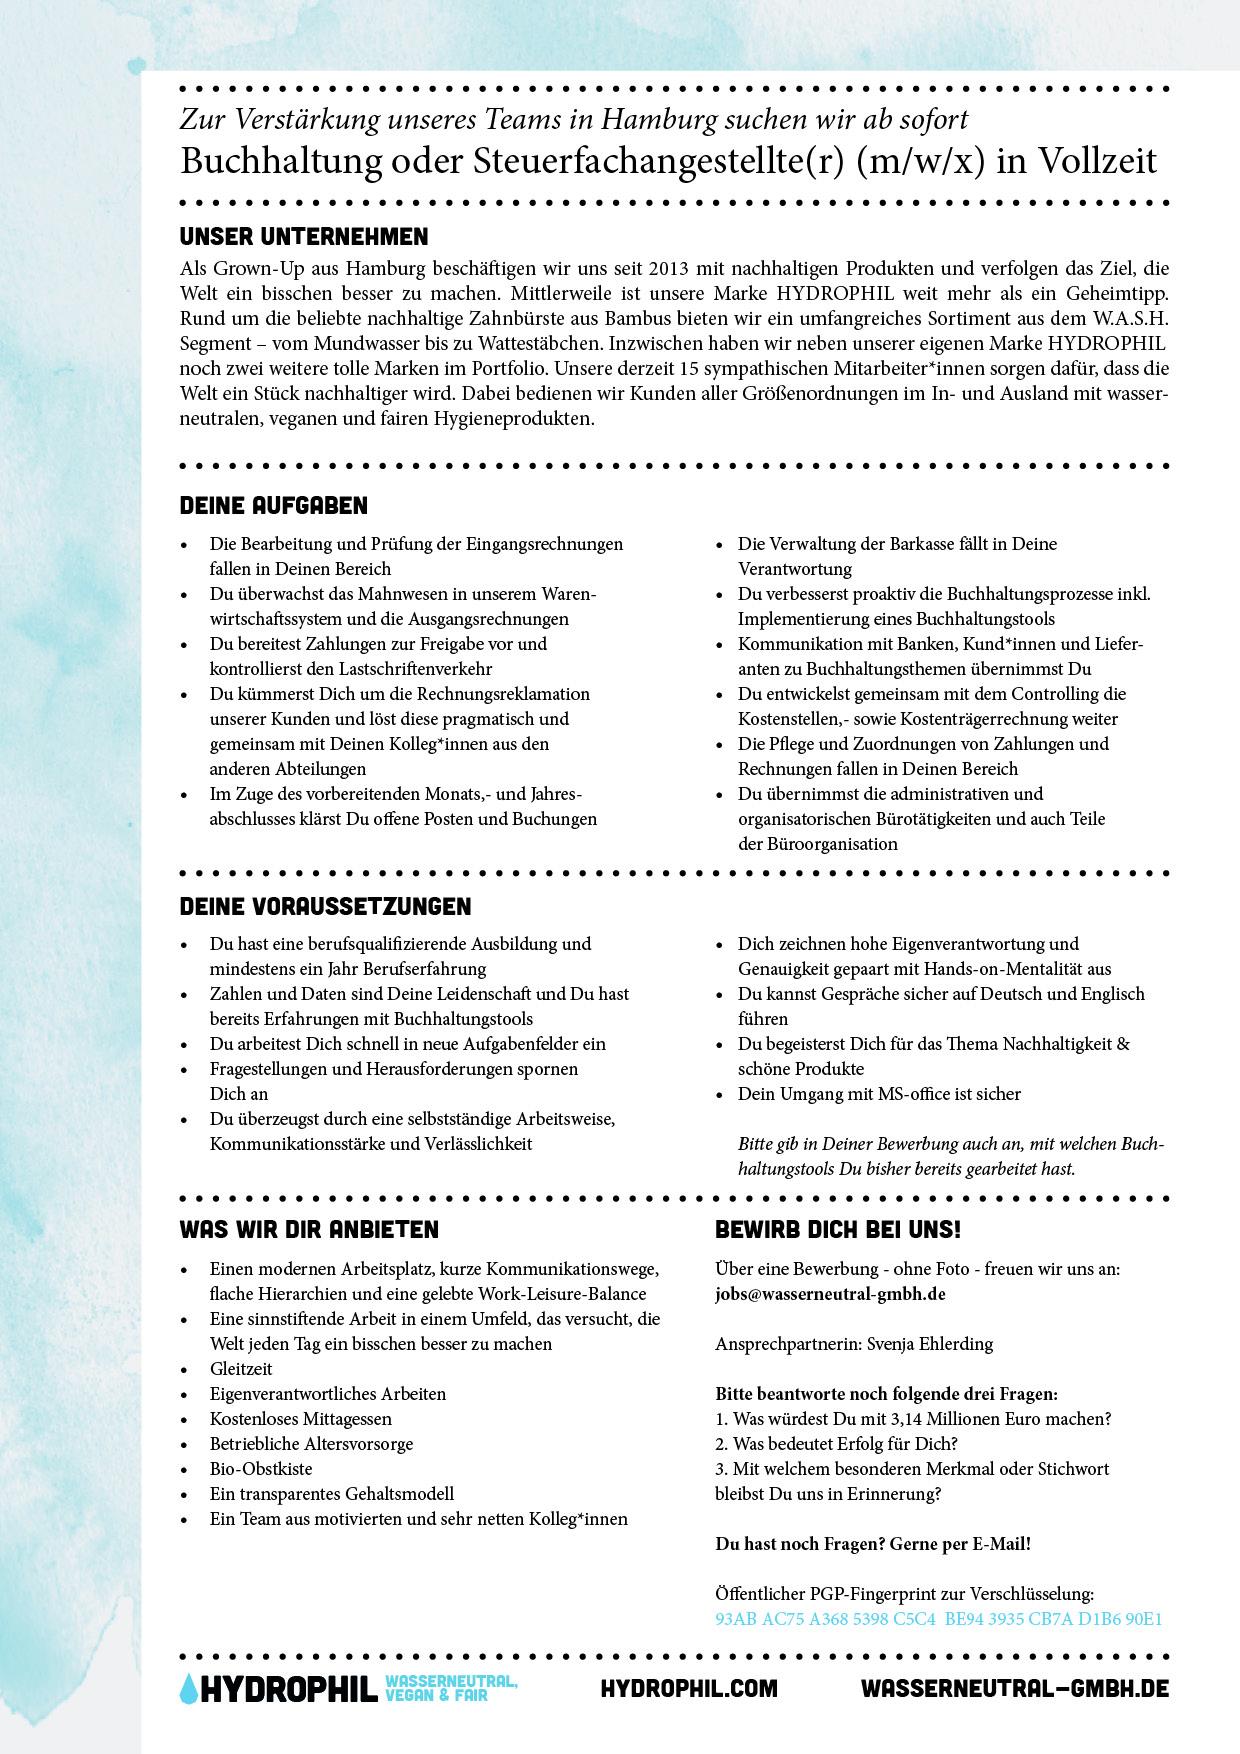 HYD_job_ausschreibung_buchhaltung_